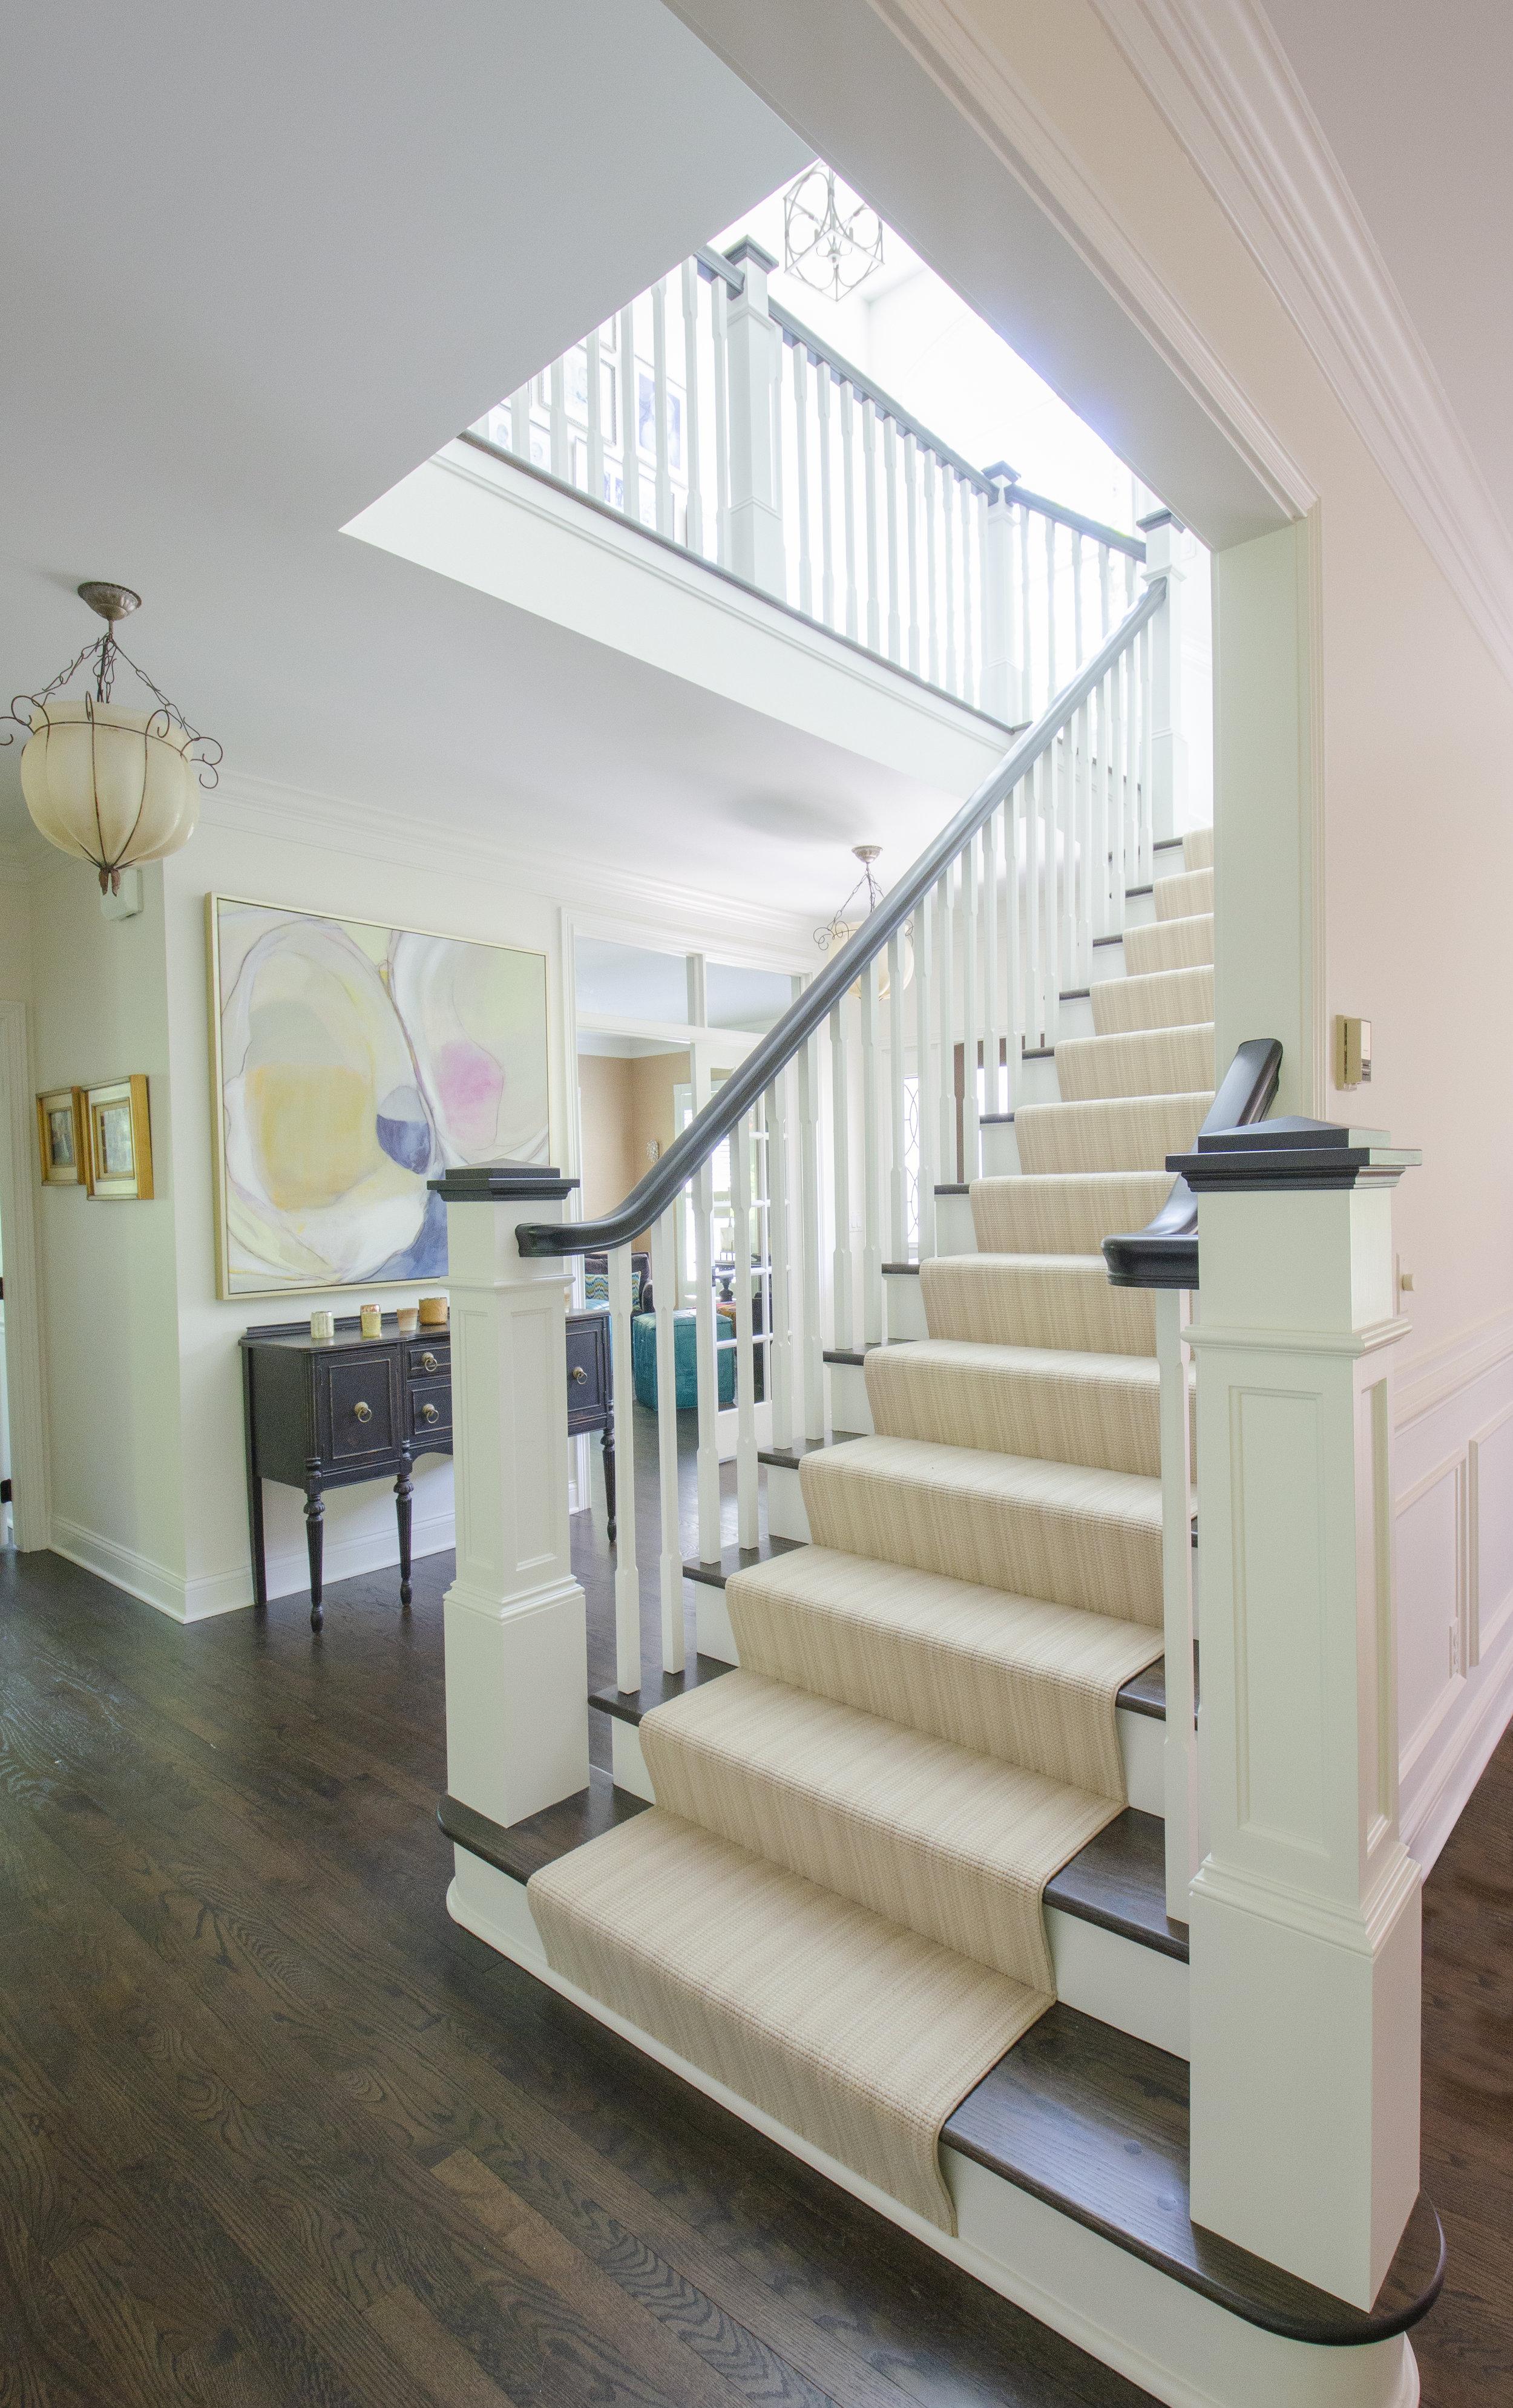 Stairs_03.jpg